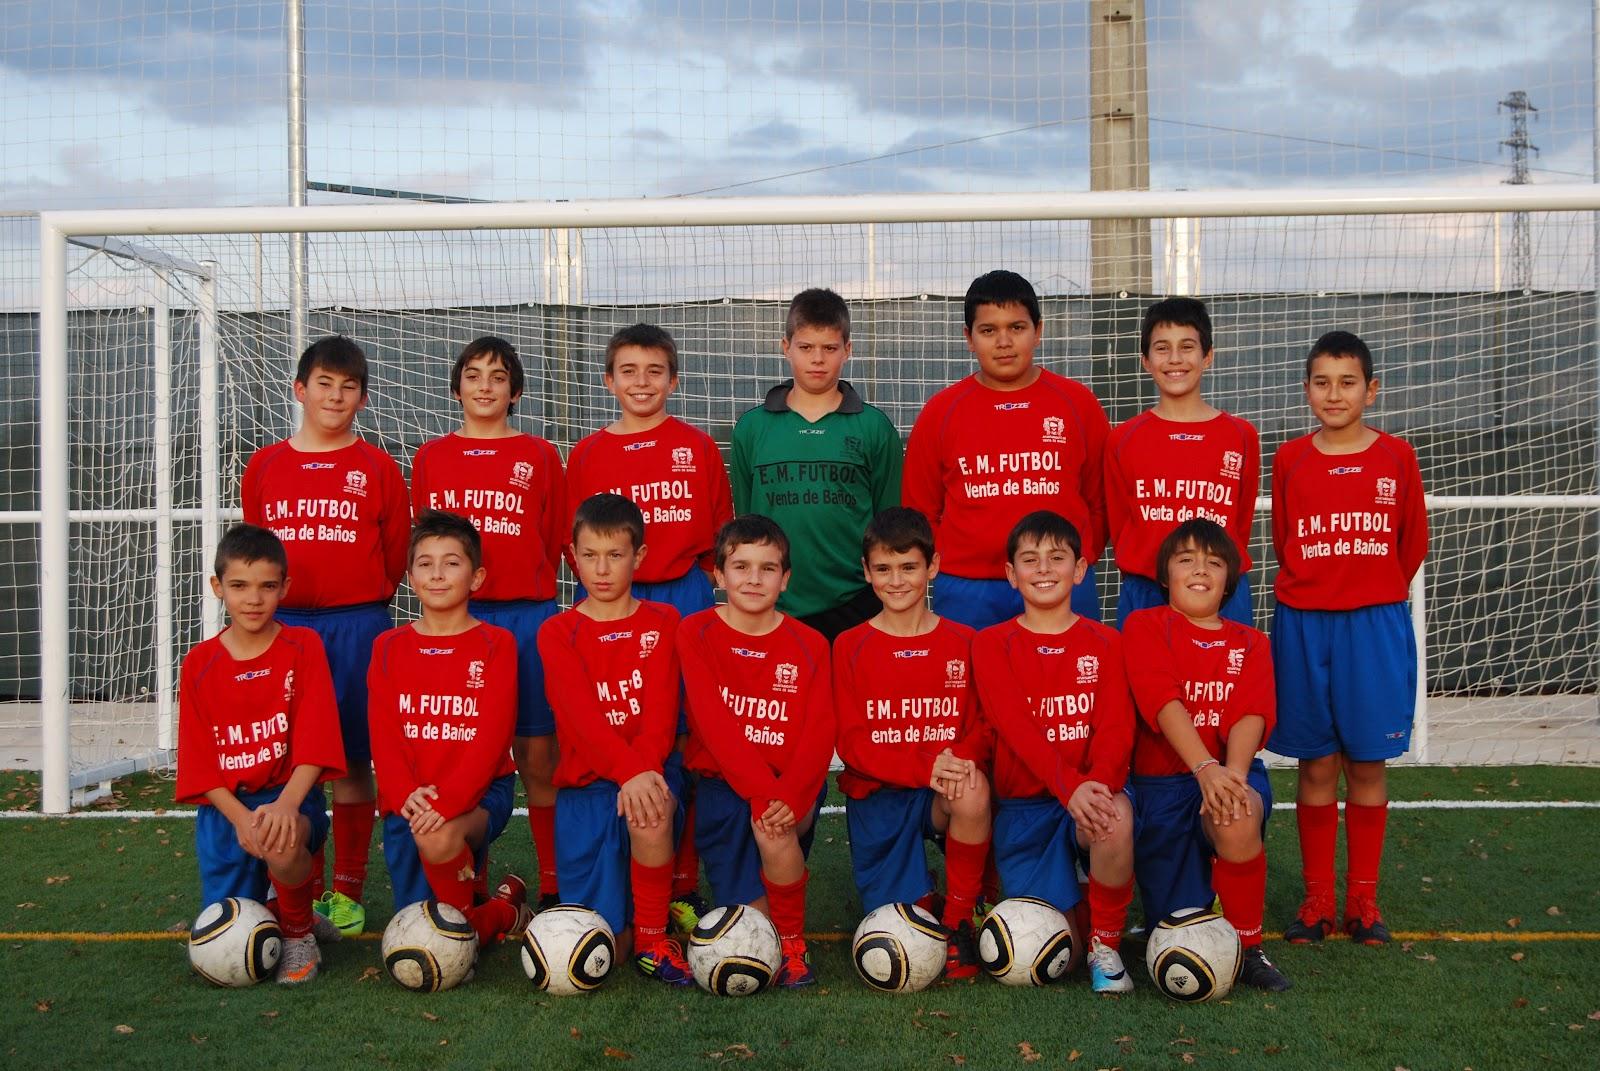 Patronato Deportes De Venta De Banos E M Futbol 14 Y 15 De Abril